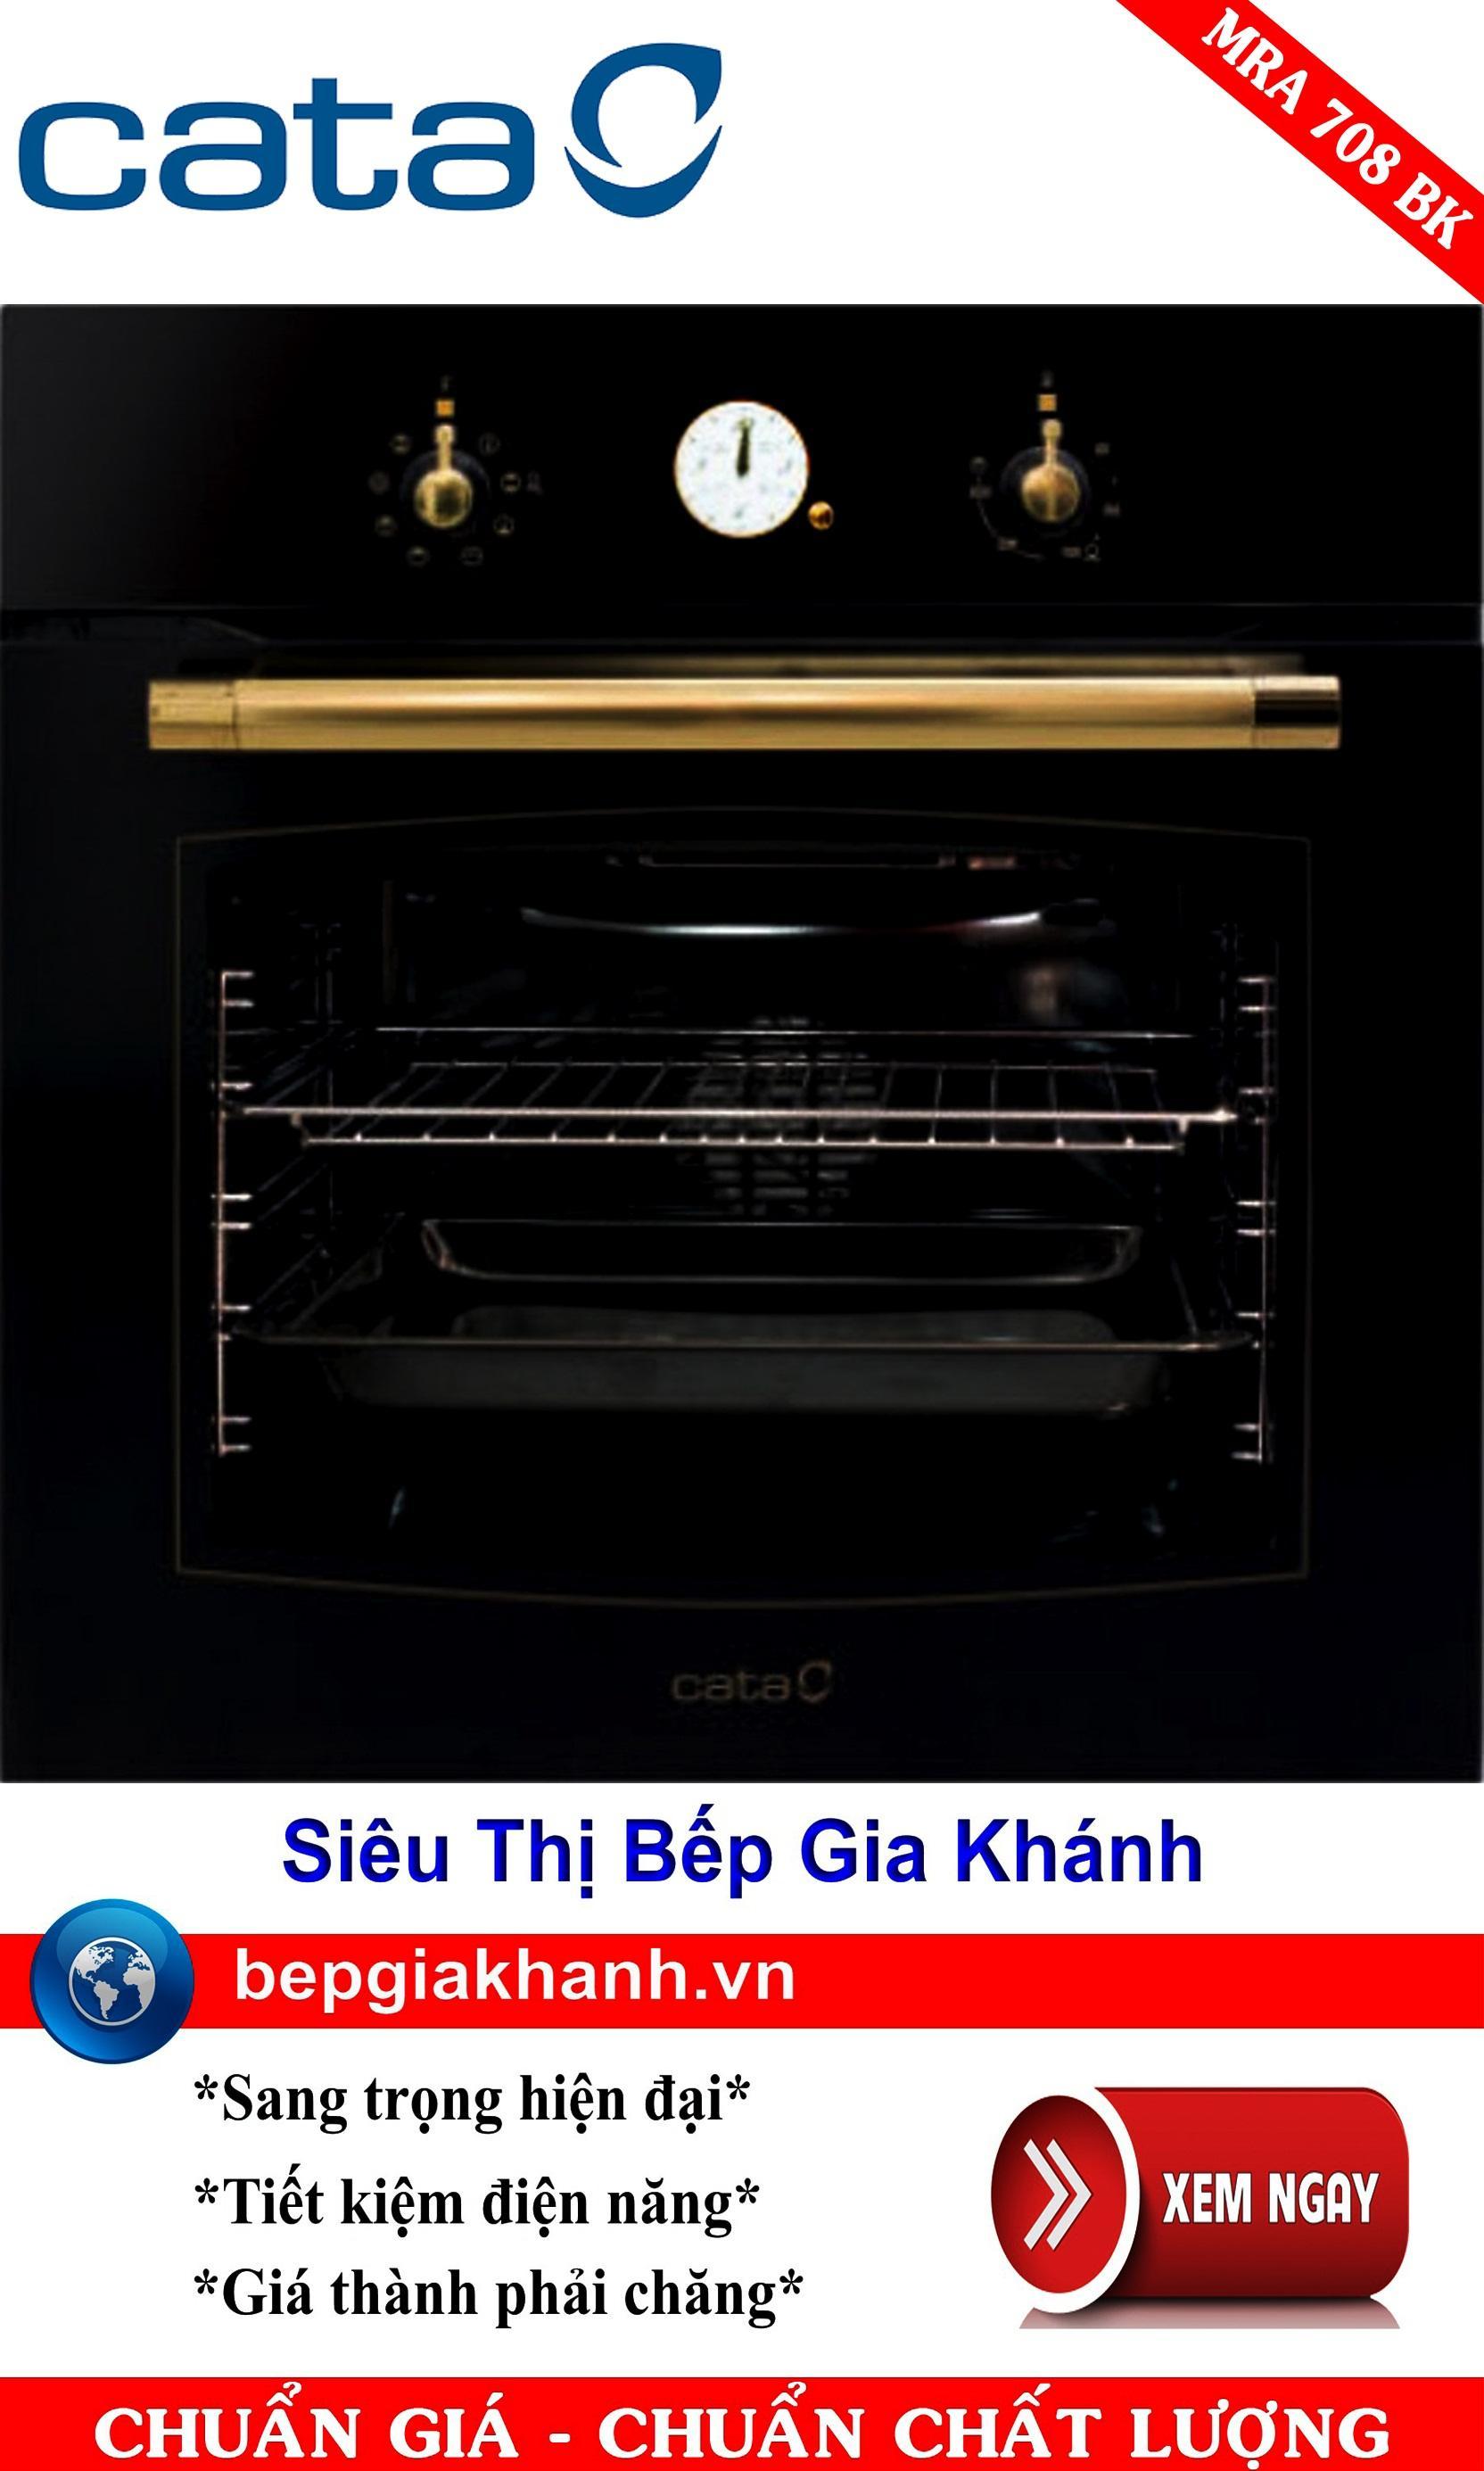 Lò nướng điện đa năng Cata MRA 708 BK, lò nướng điện, lò nướng bánh, lò nướng thủy tinh, lò nướng bánh mì, lò nướng bánh bông lan